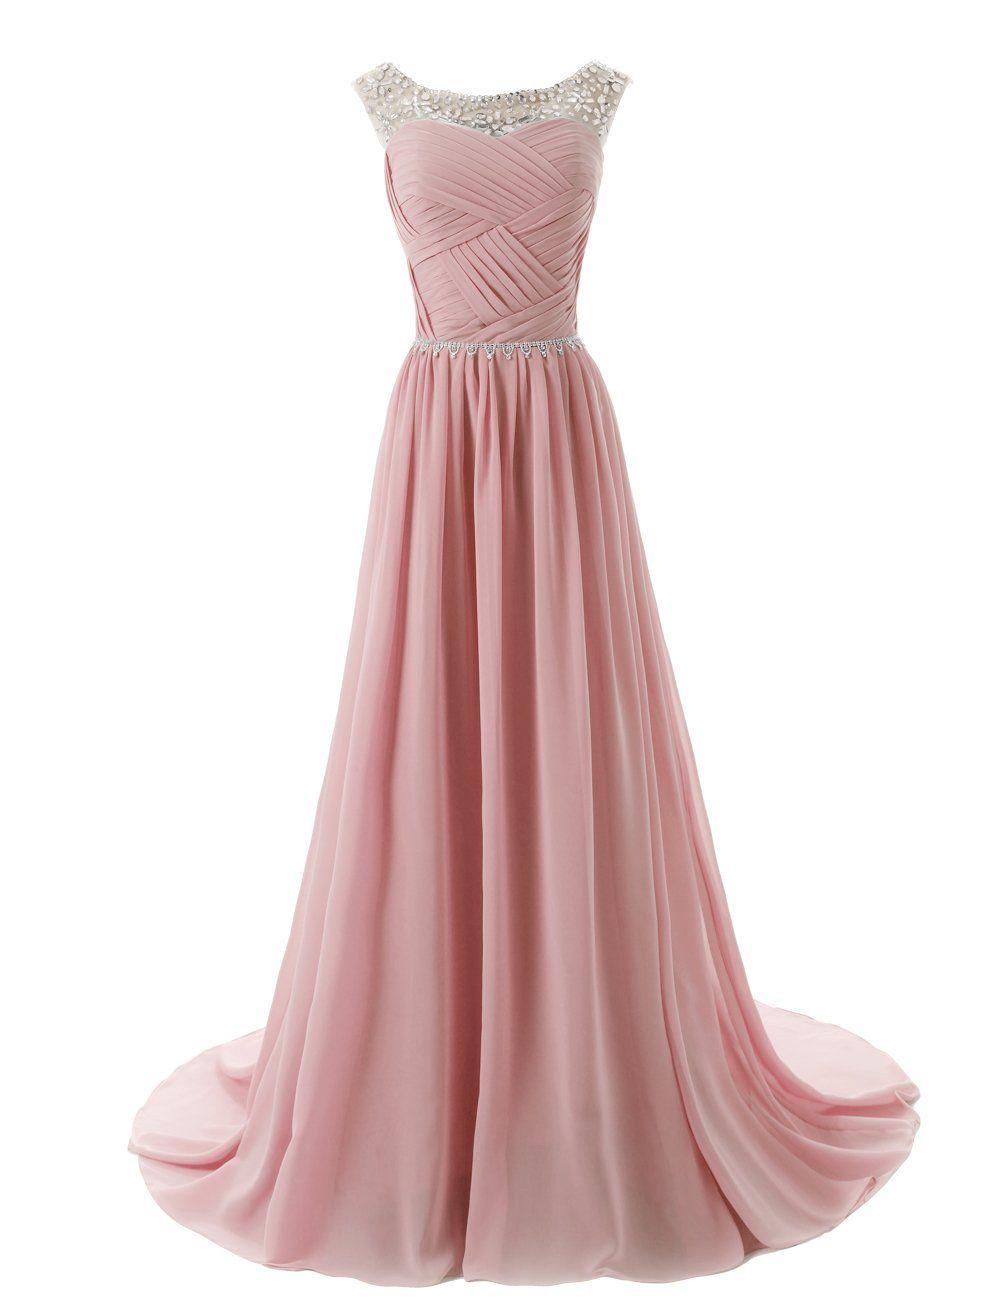 Dressystar Herzform Chiffon Lange Brautjungfernkleid Perlen Ballkleid Rosa in Größe 38